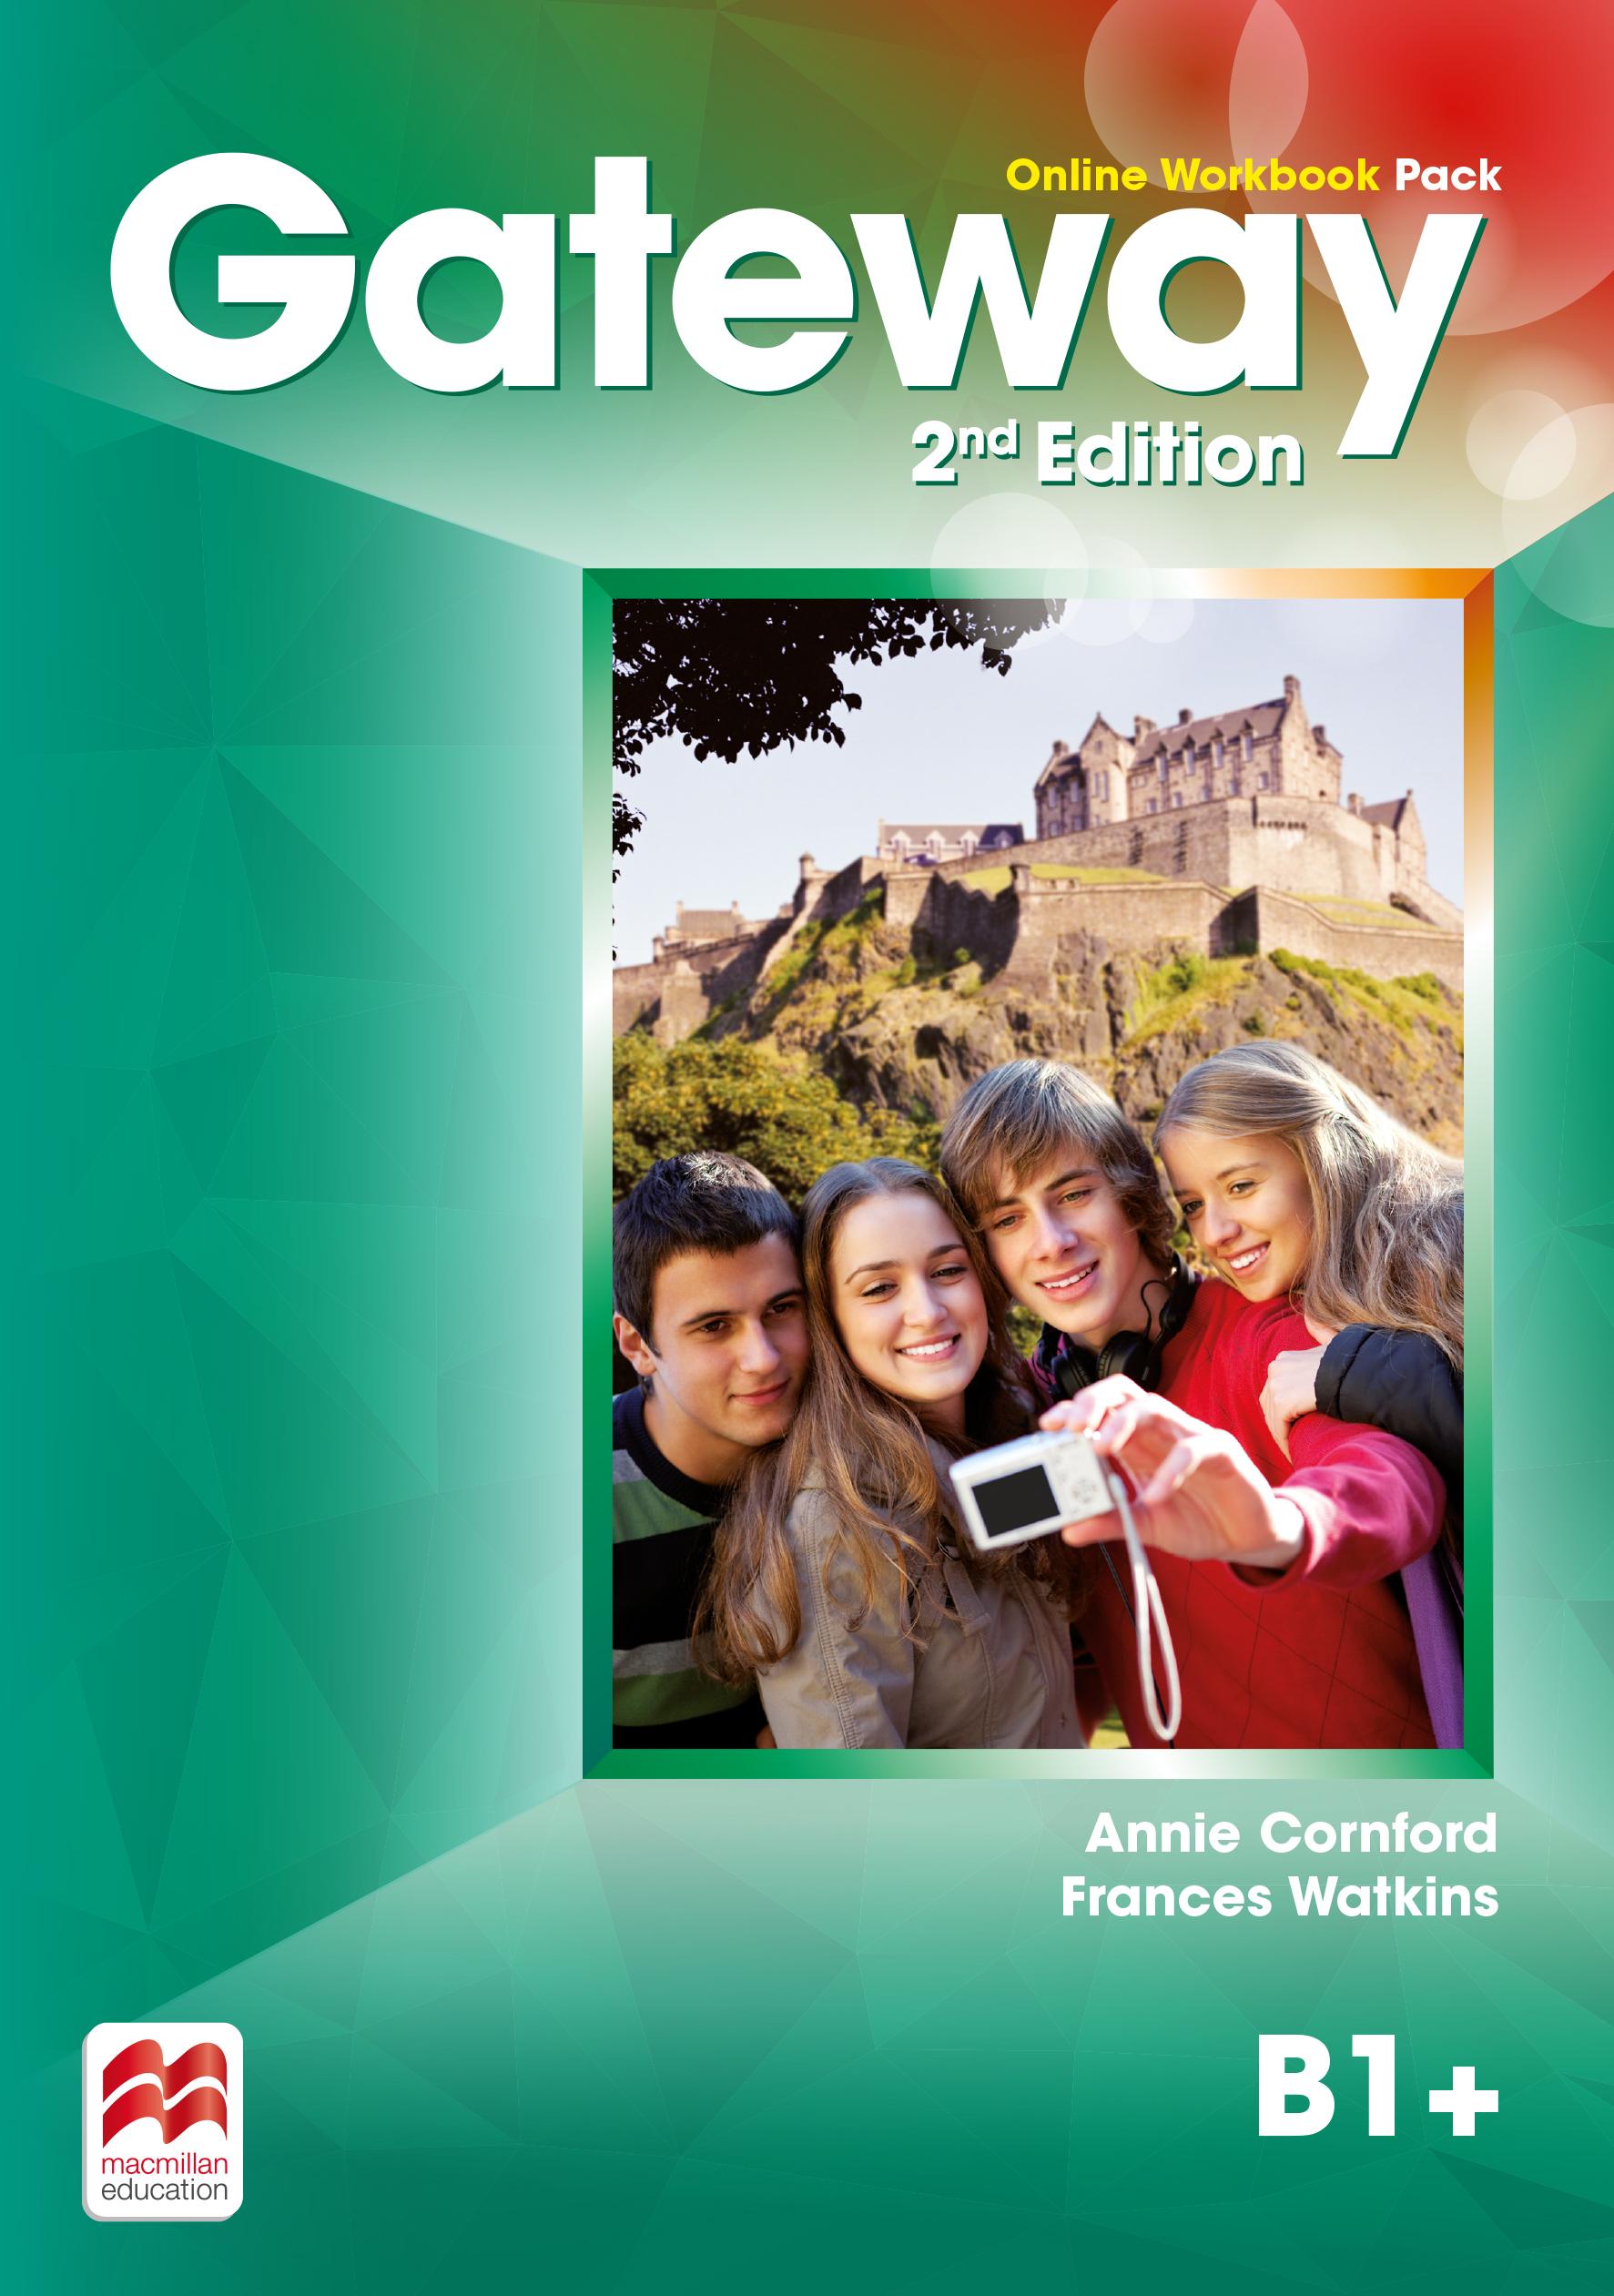 Gateway 2nd Edition B1+ Online Workbook